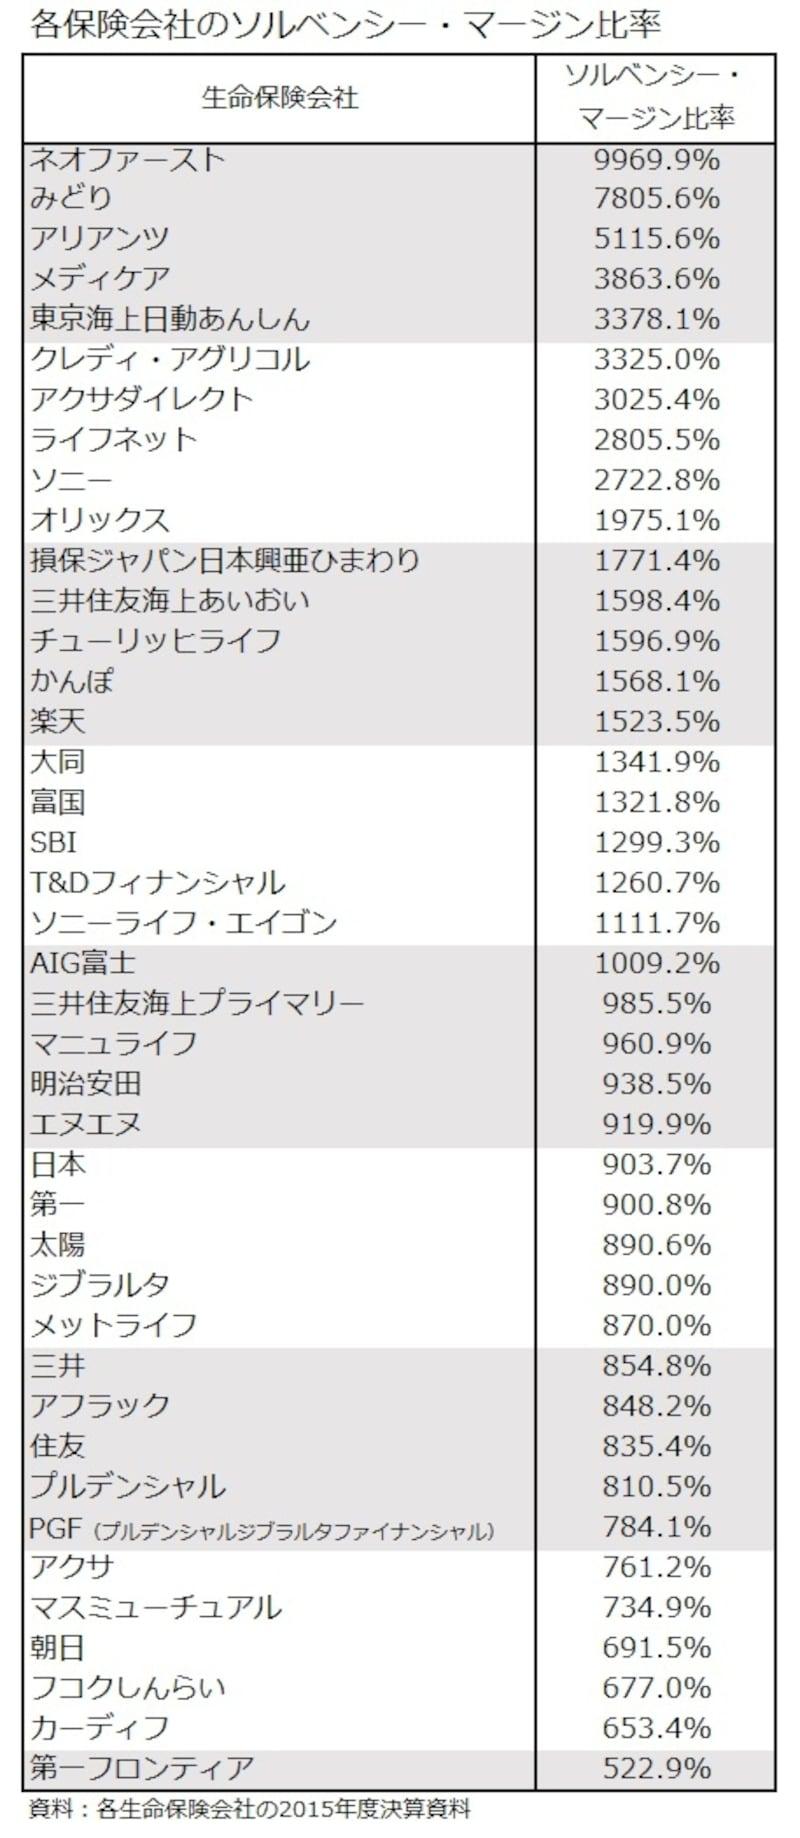 保険会社のソルベンシーマージン比率